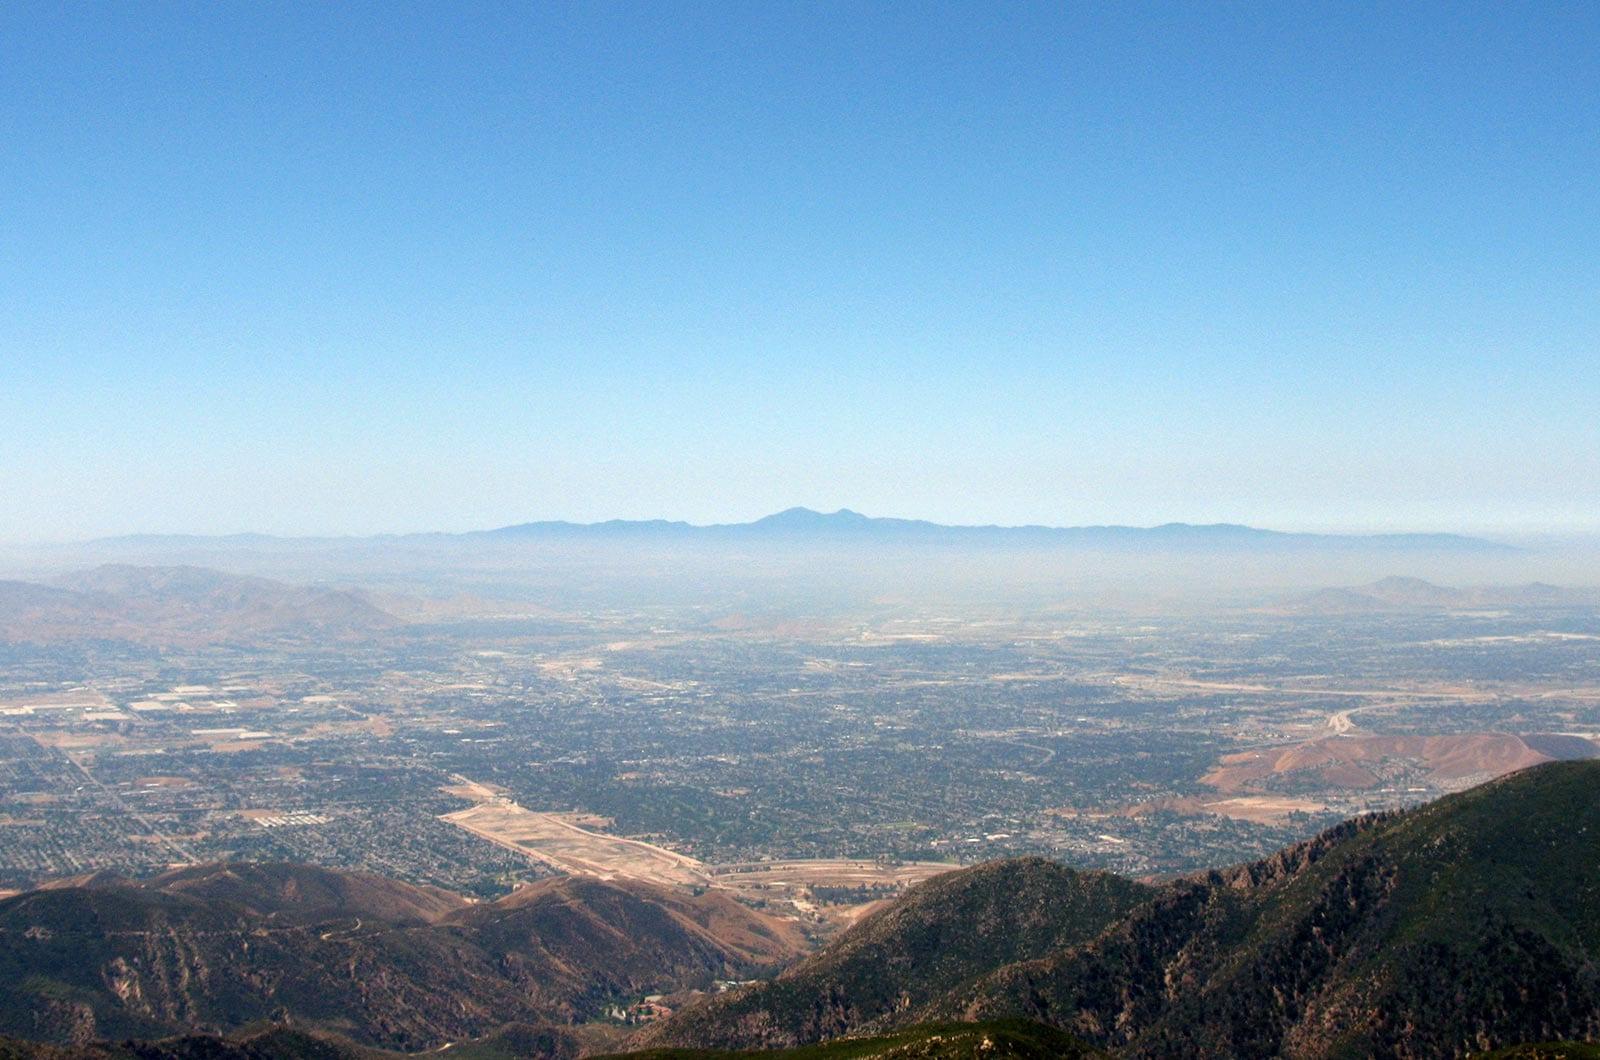 Featured-Image-San-Bernardino   San Bernardino Virtual Tour Photographer   San Bernardino Aerial Photography Services   San Bernardino HDR Real Estate Photographer